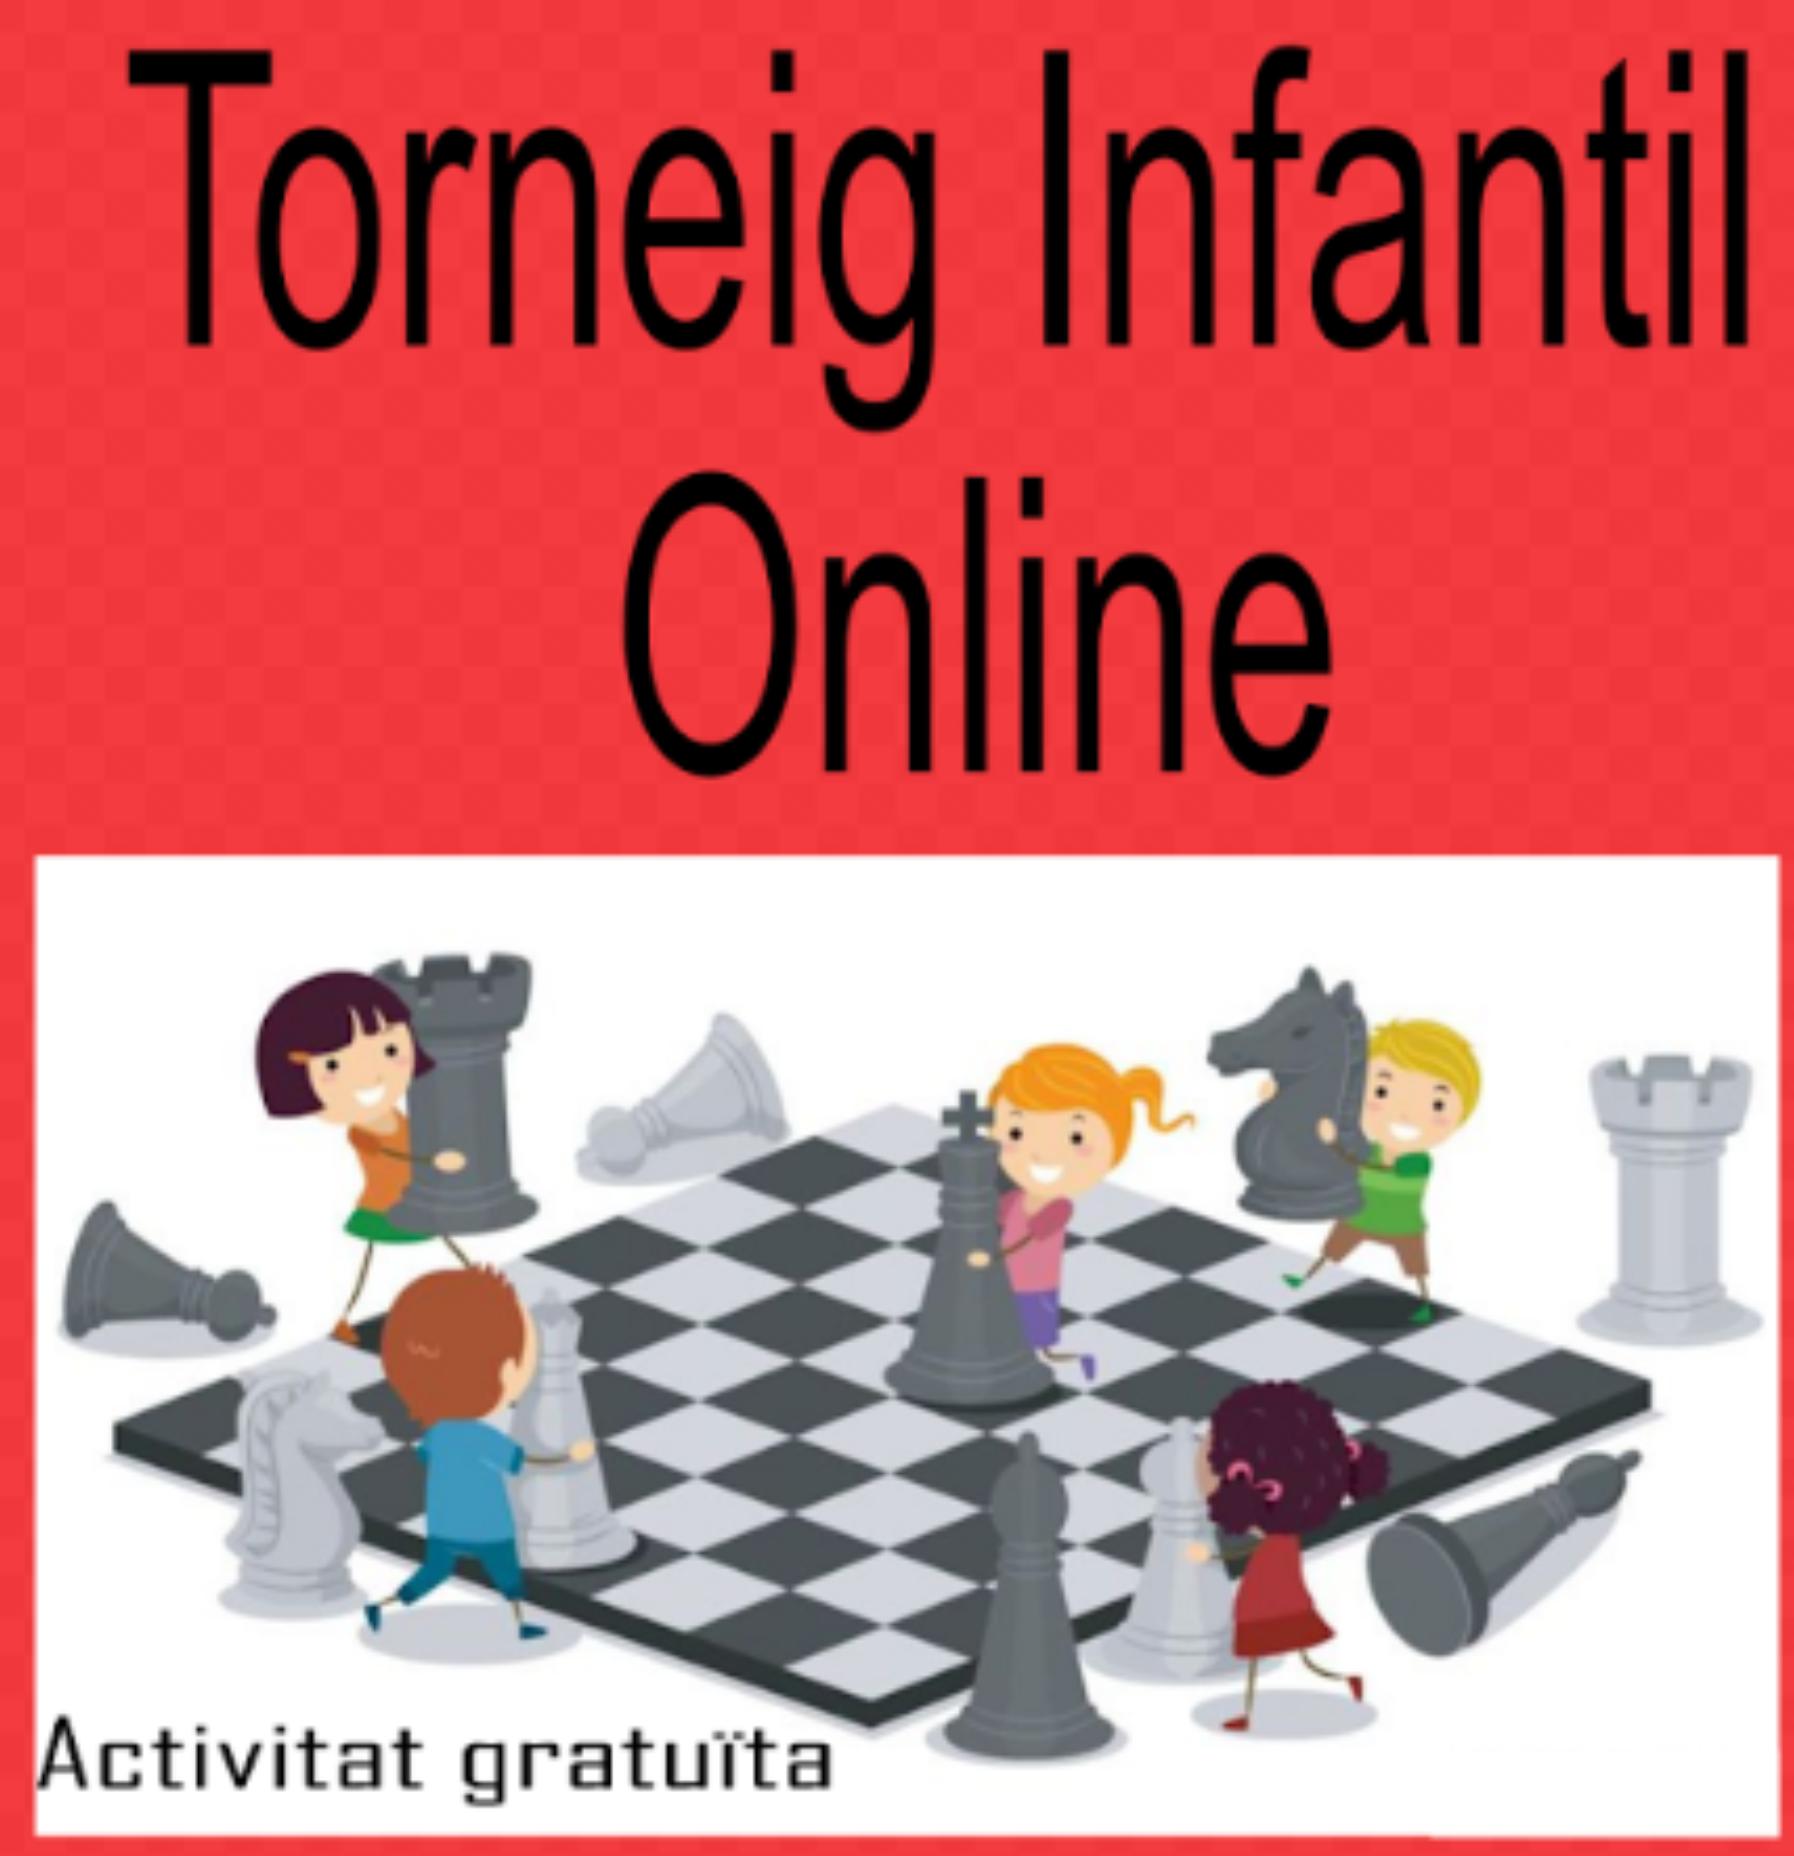 Torneig infantil d'escacs online